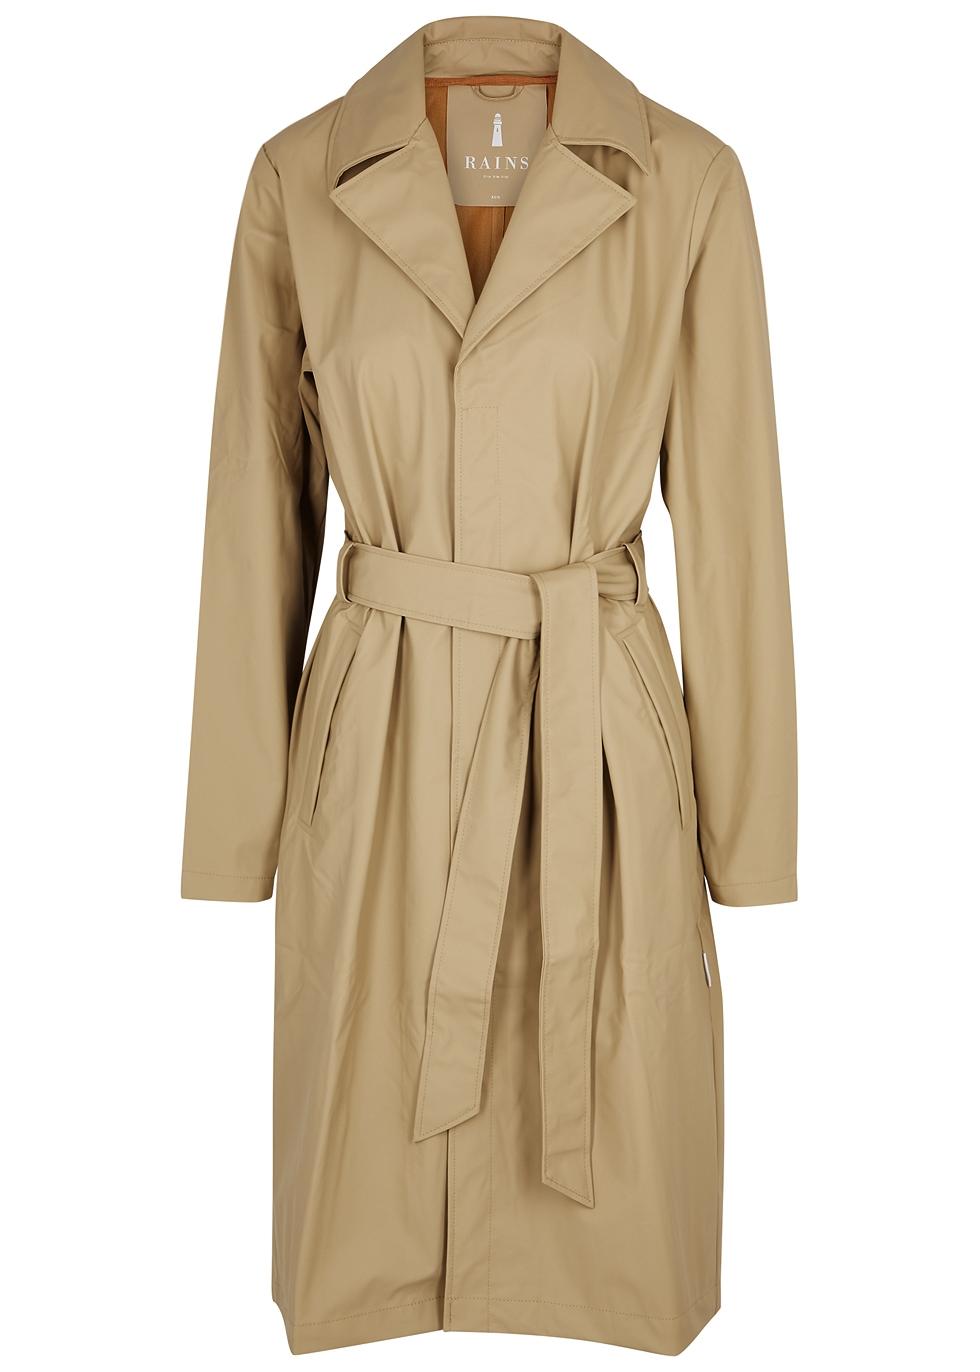 7d25983dcc Designer Coats - Women s Winter Coats - Harvey Nichols